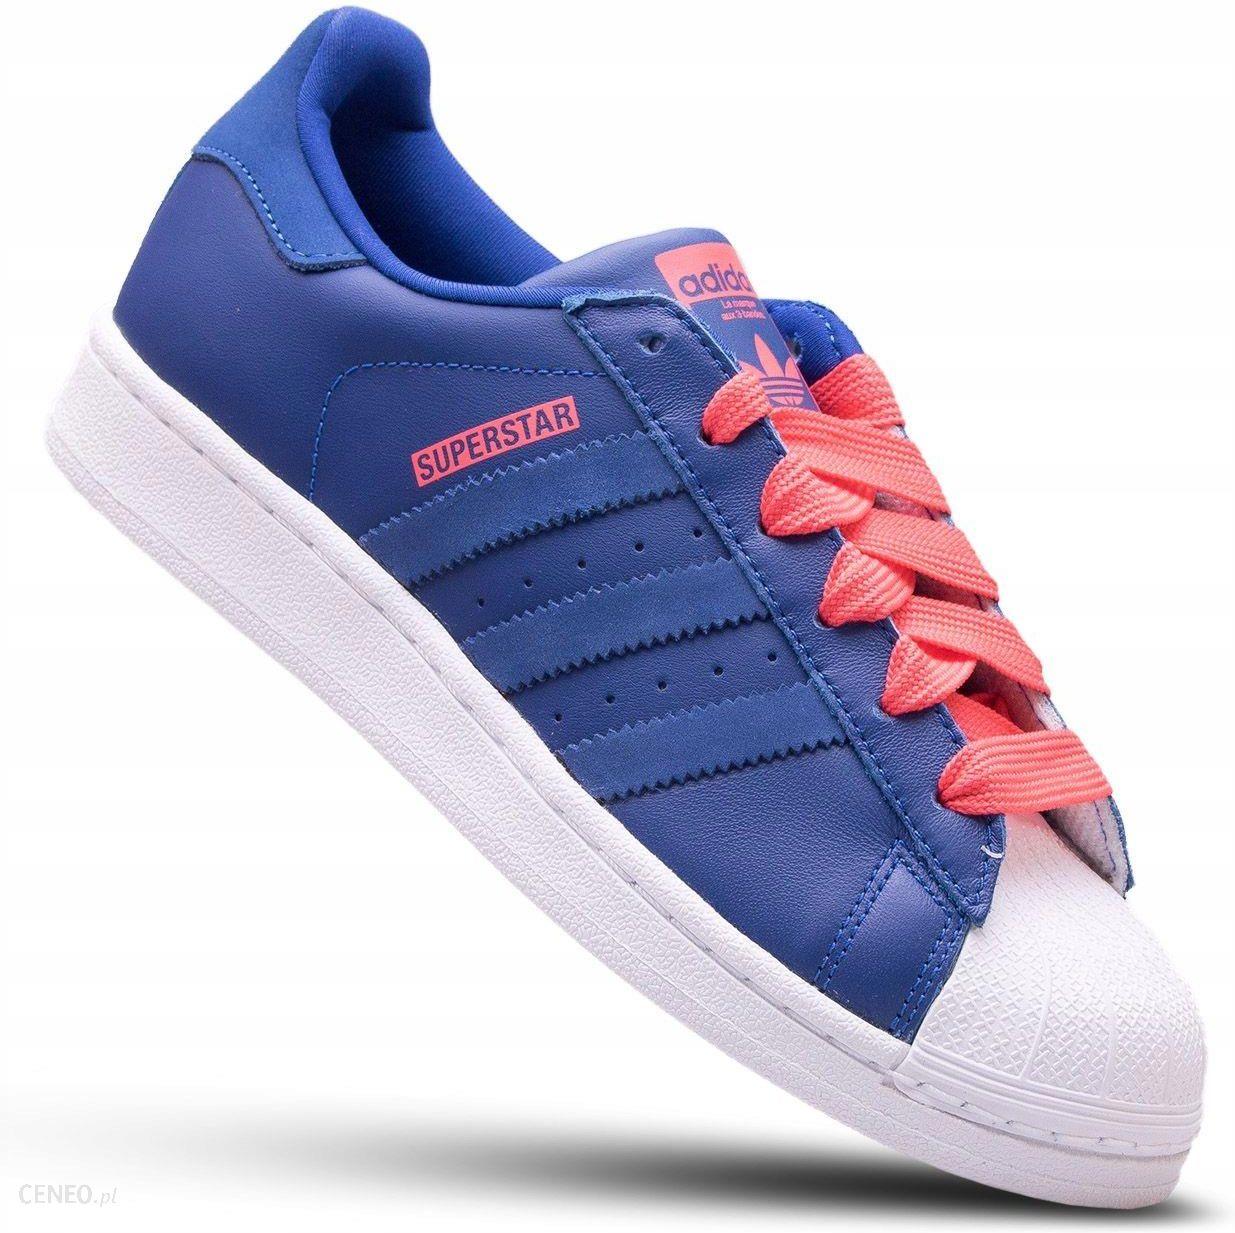 Adidas Superstar Buty Damskie F34161 Originals Ceny i opinie Ceneo.pl